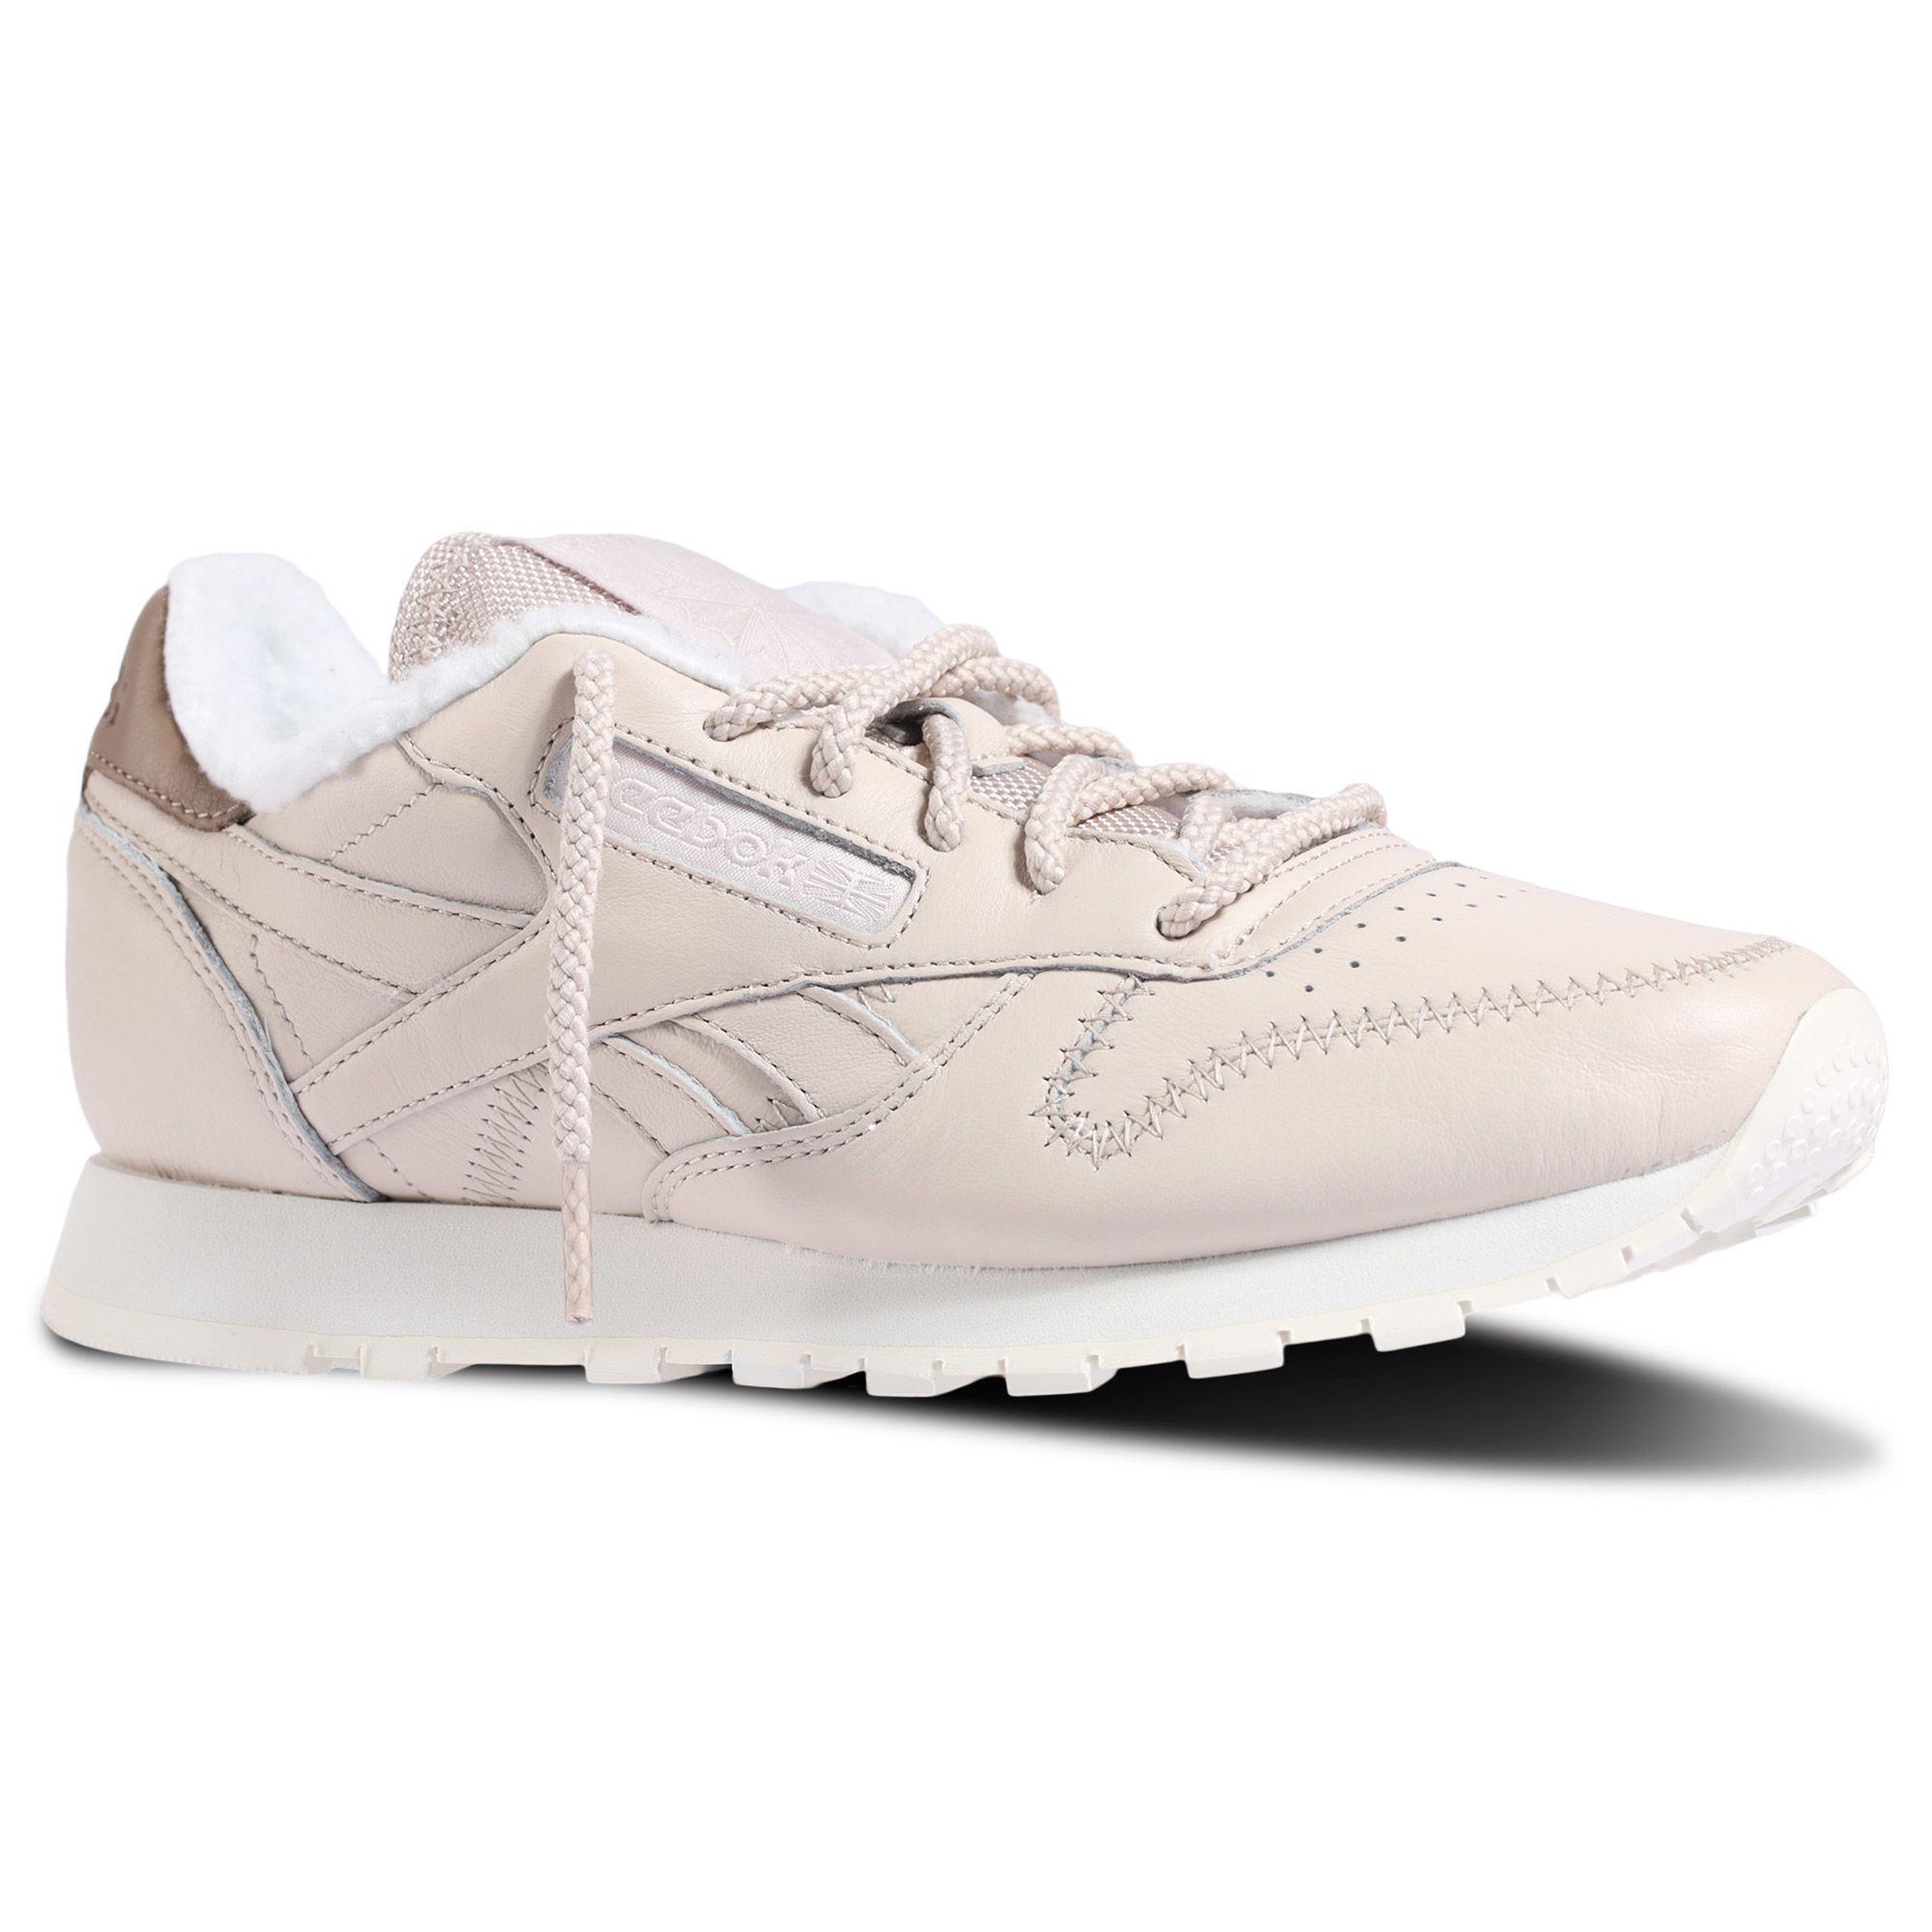 0e728af7126 Reebok Утепленные кроссовки Classic Leather Alpine - белый